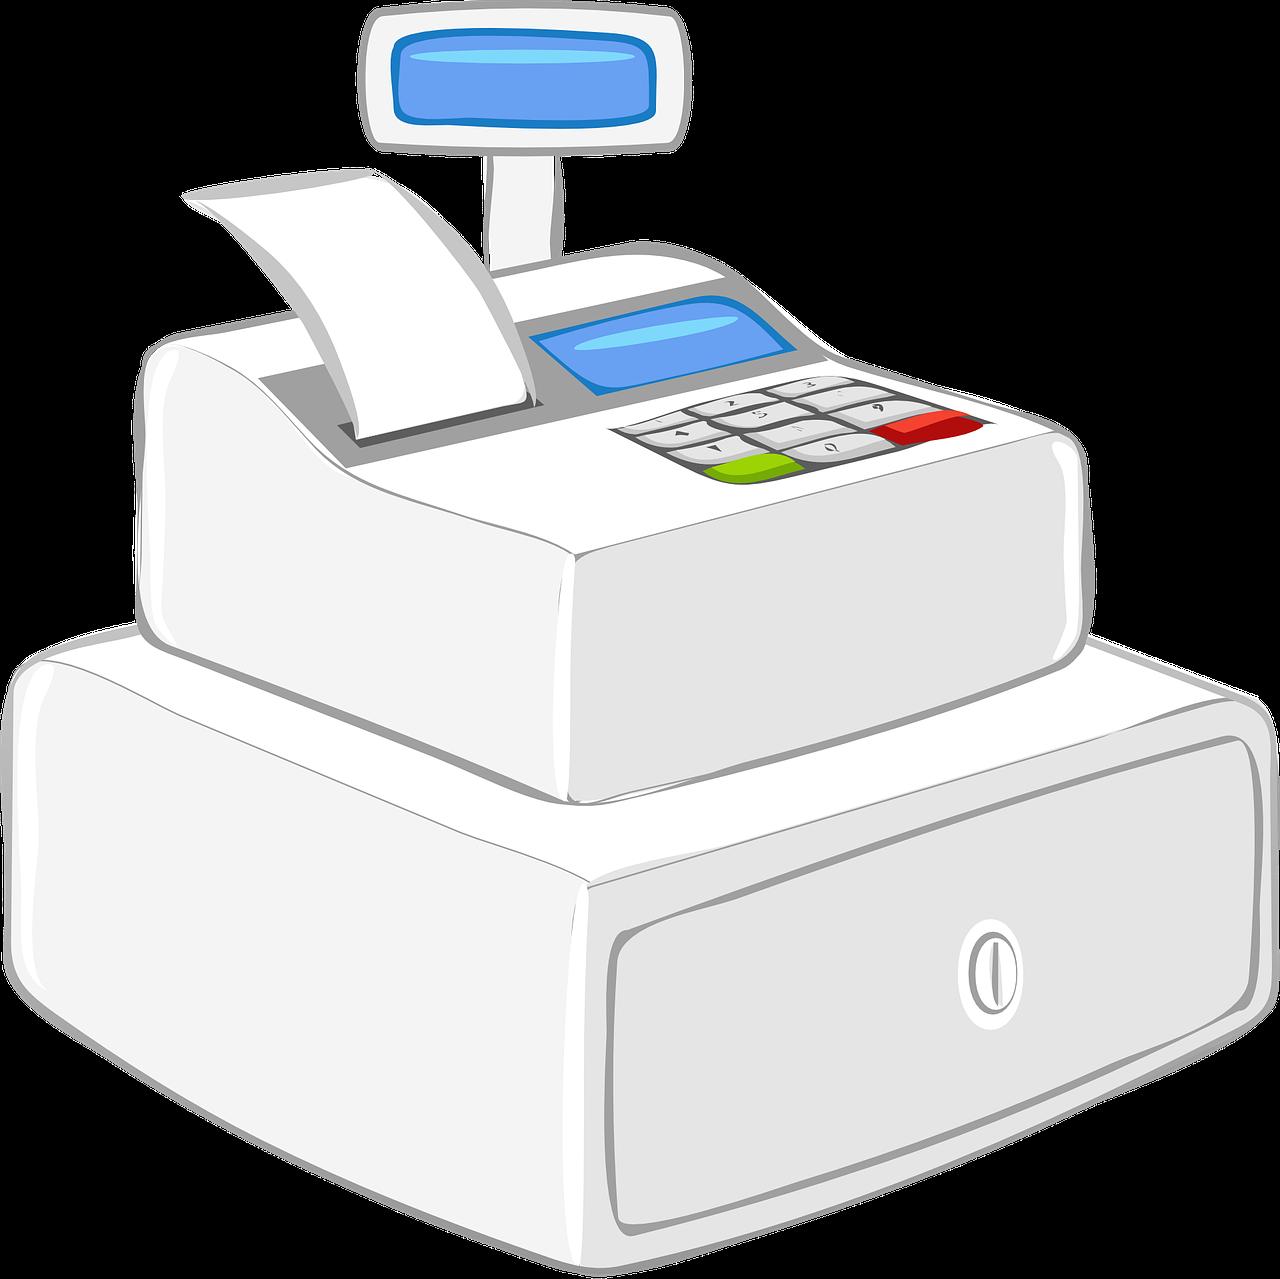 налоговый вычет для ИП при покупке онлайн кассы